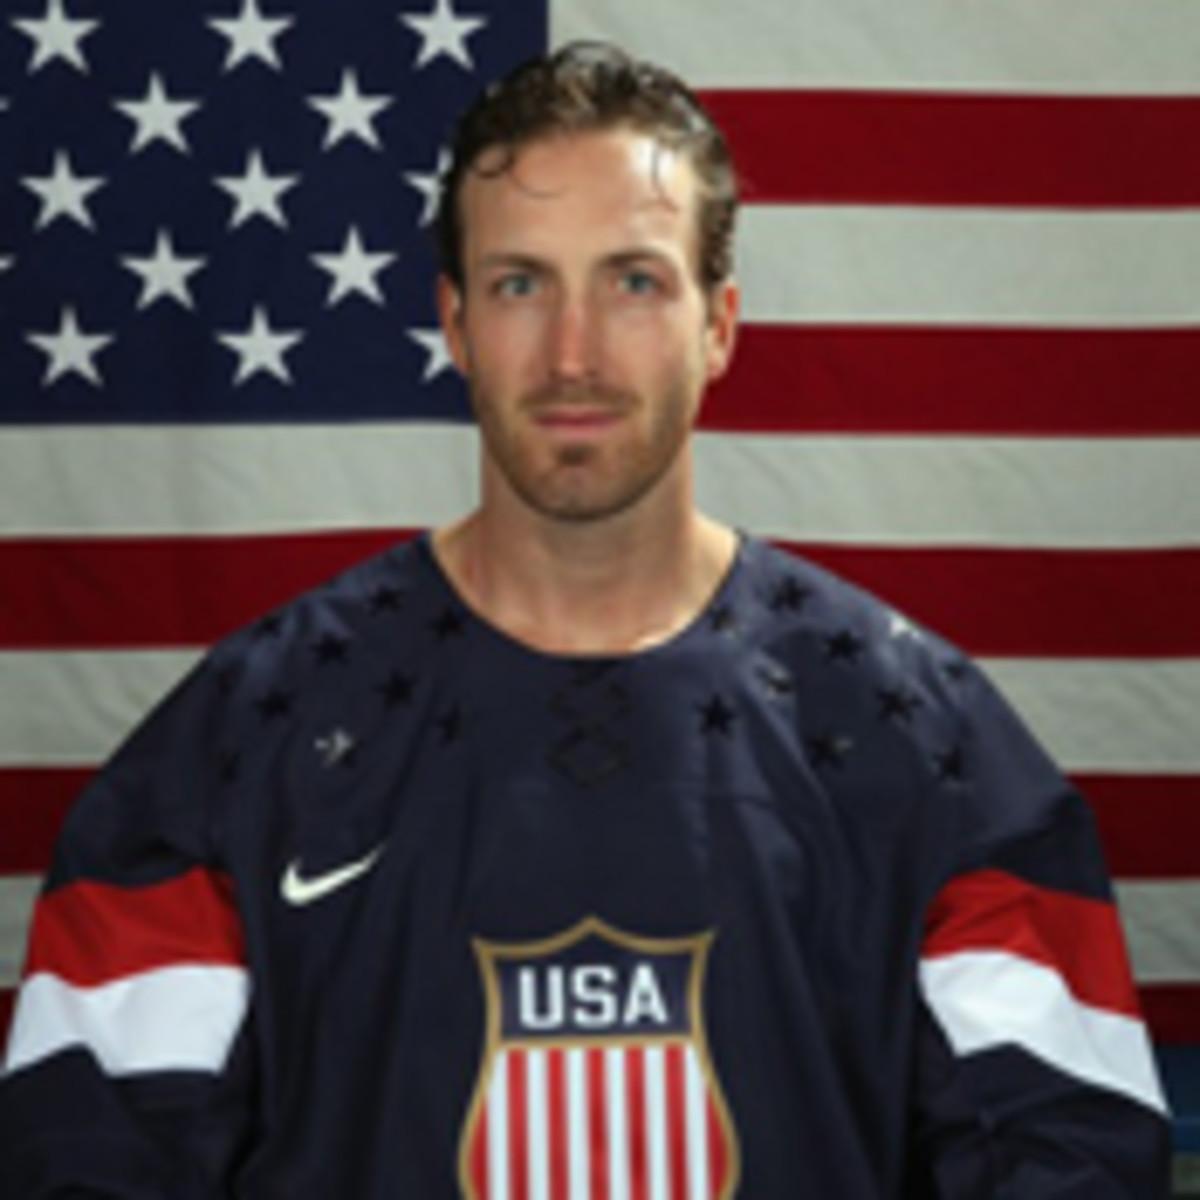 brooks orpik 2014 us men's hockey team